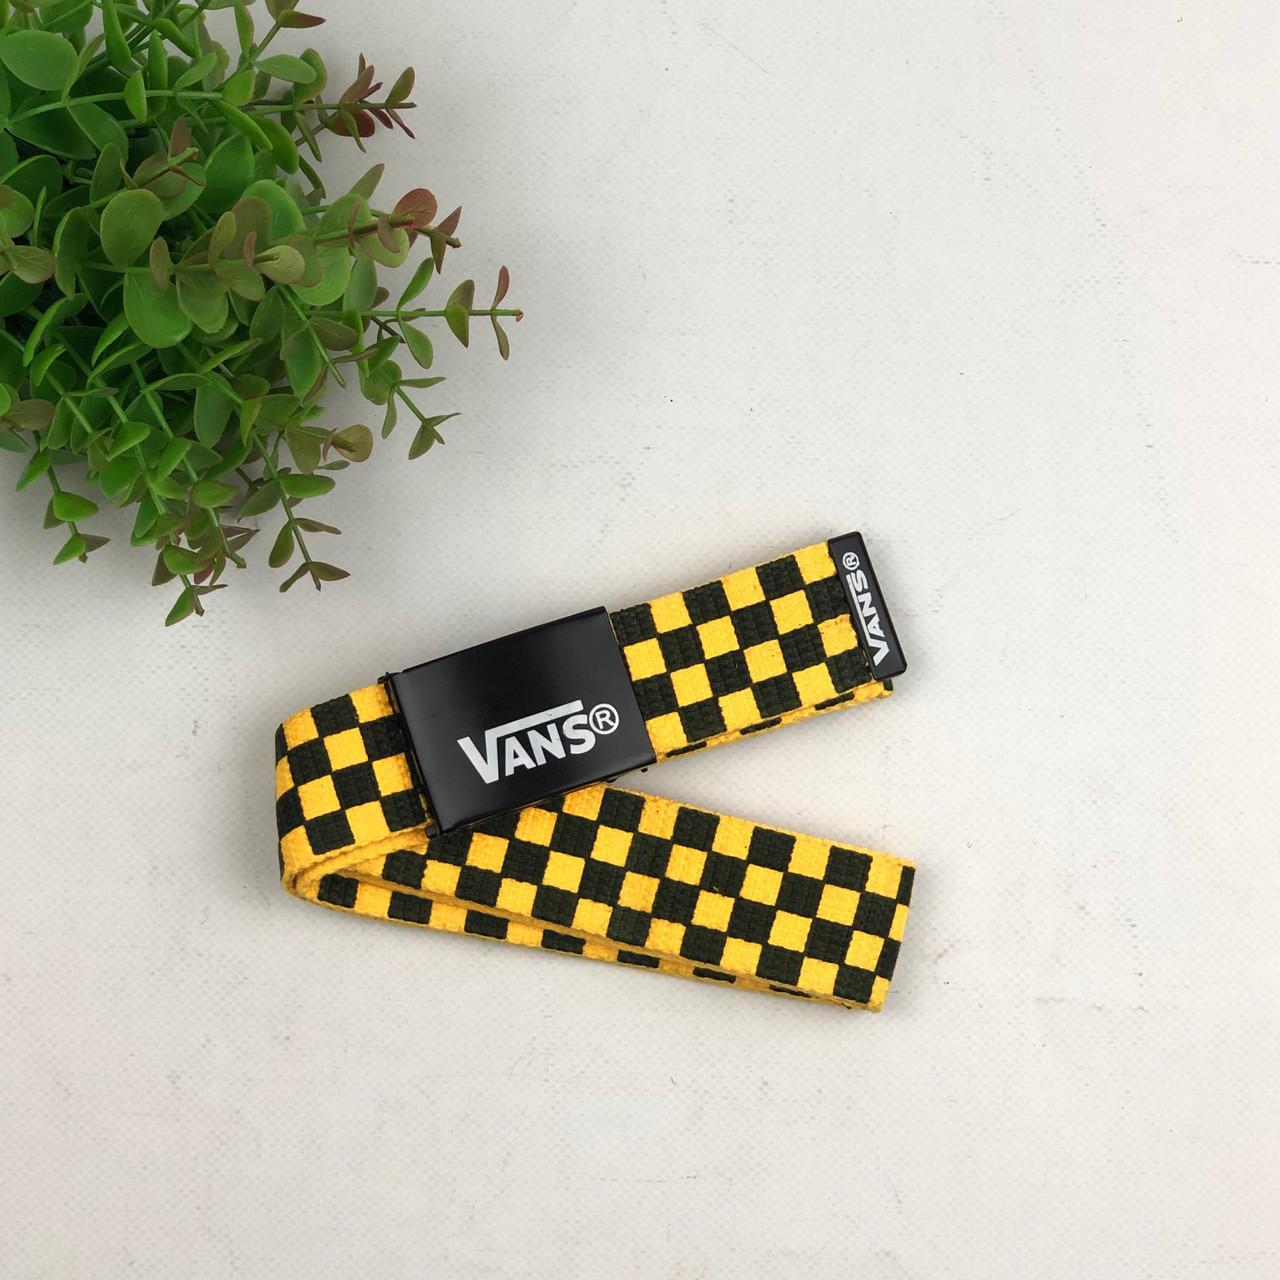 Ремень Пояс Vans клетка  - Желтый Черный 105 см